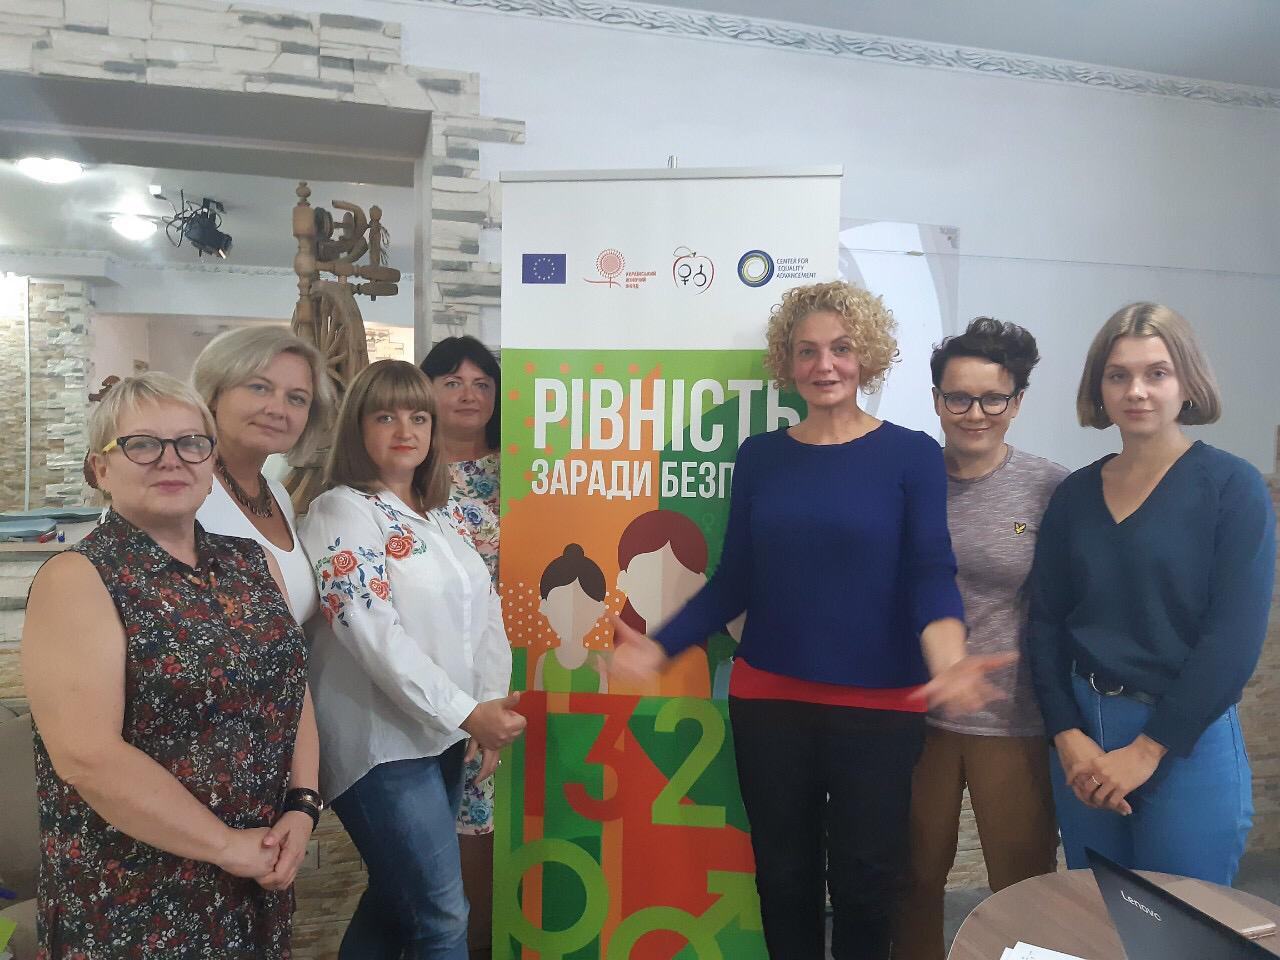 Представниці Хмельниччини взяли участь у всеукраїнському тренінгу  «Жінки в умовах конфлікту та їхня роль у відновленні миру»